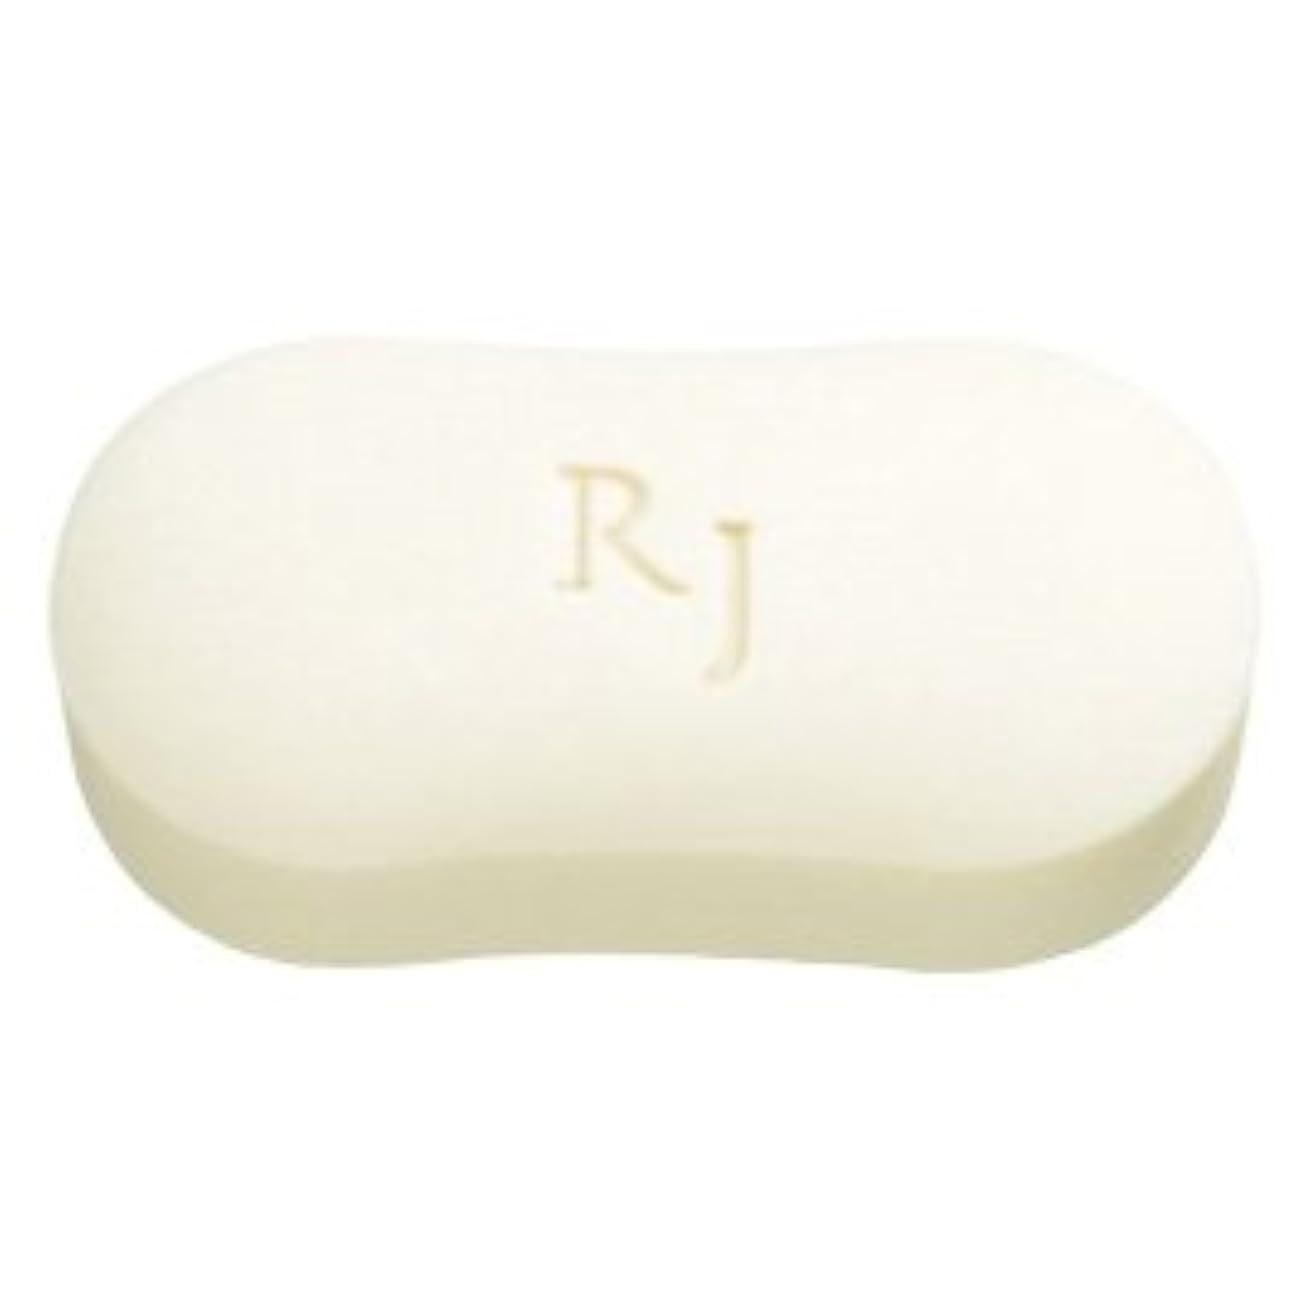 バルセロナ神先生RJホワイトソープ(洗顔石鹸?ボディソープ) 脂性肌用 120g/Royal Jelly White Soap<120g>